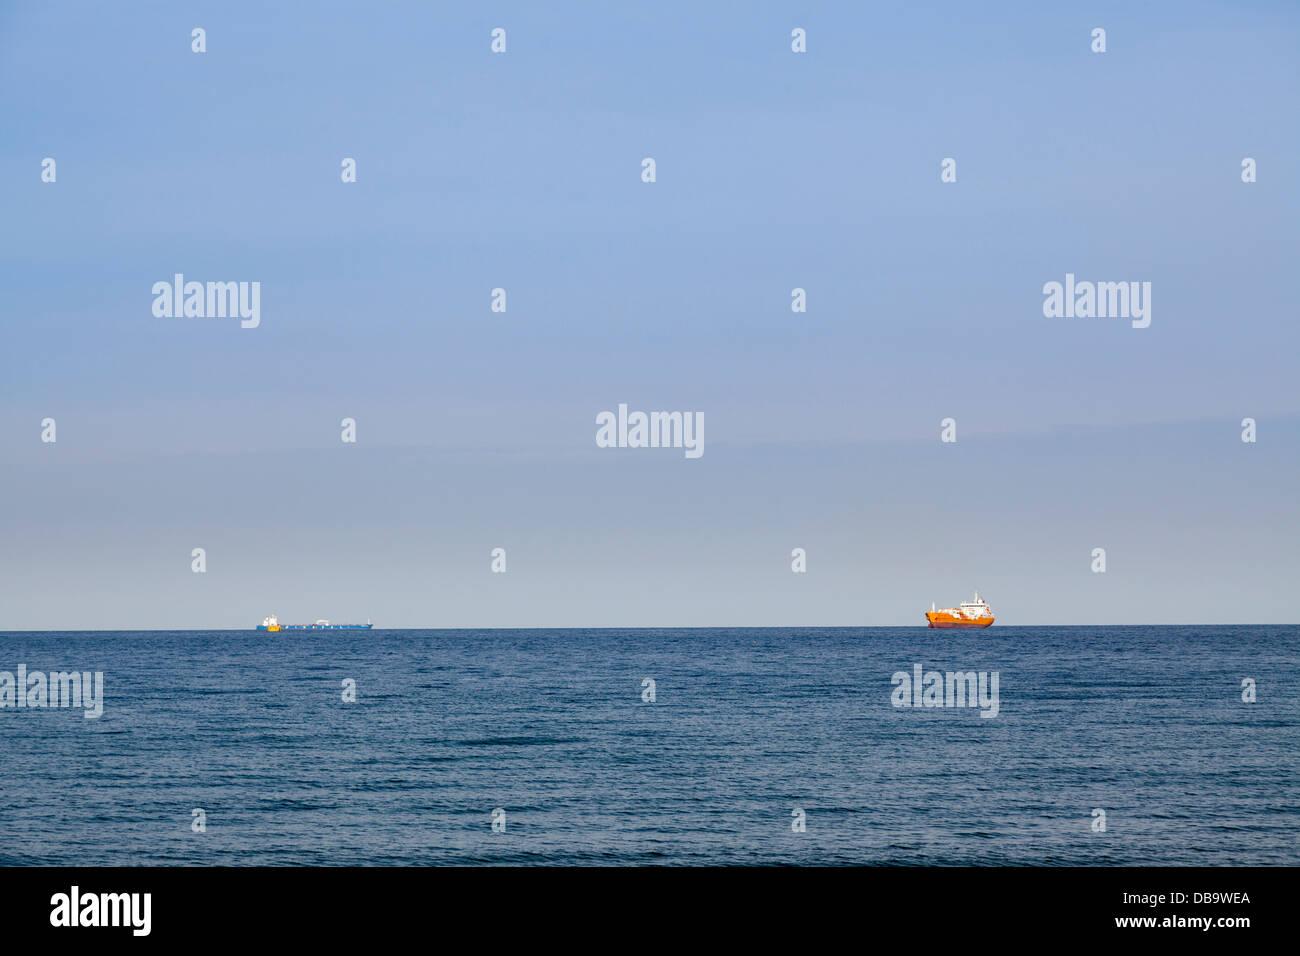 Le navi portacontainer sull orizzonte a mare. Immagini Stock